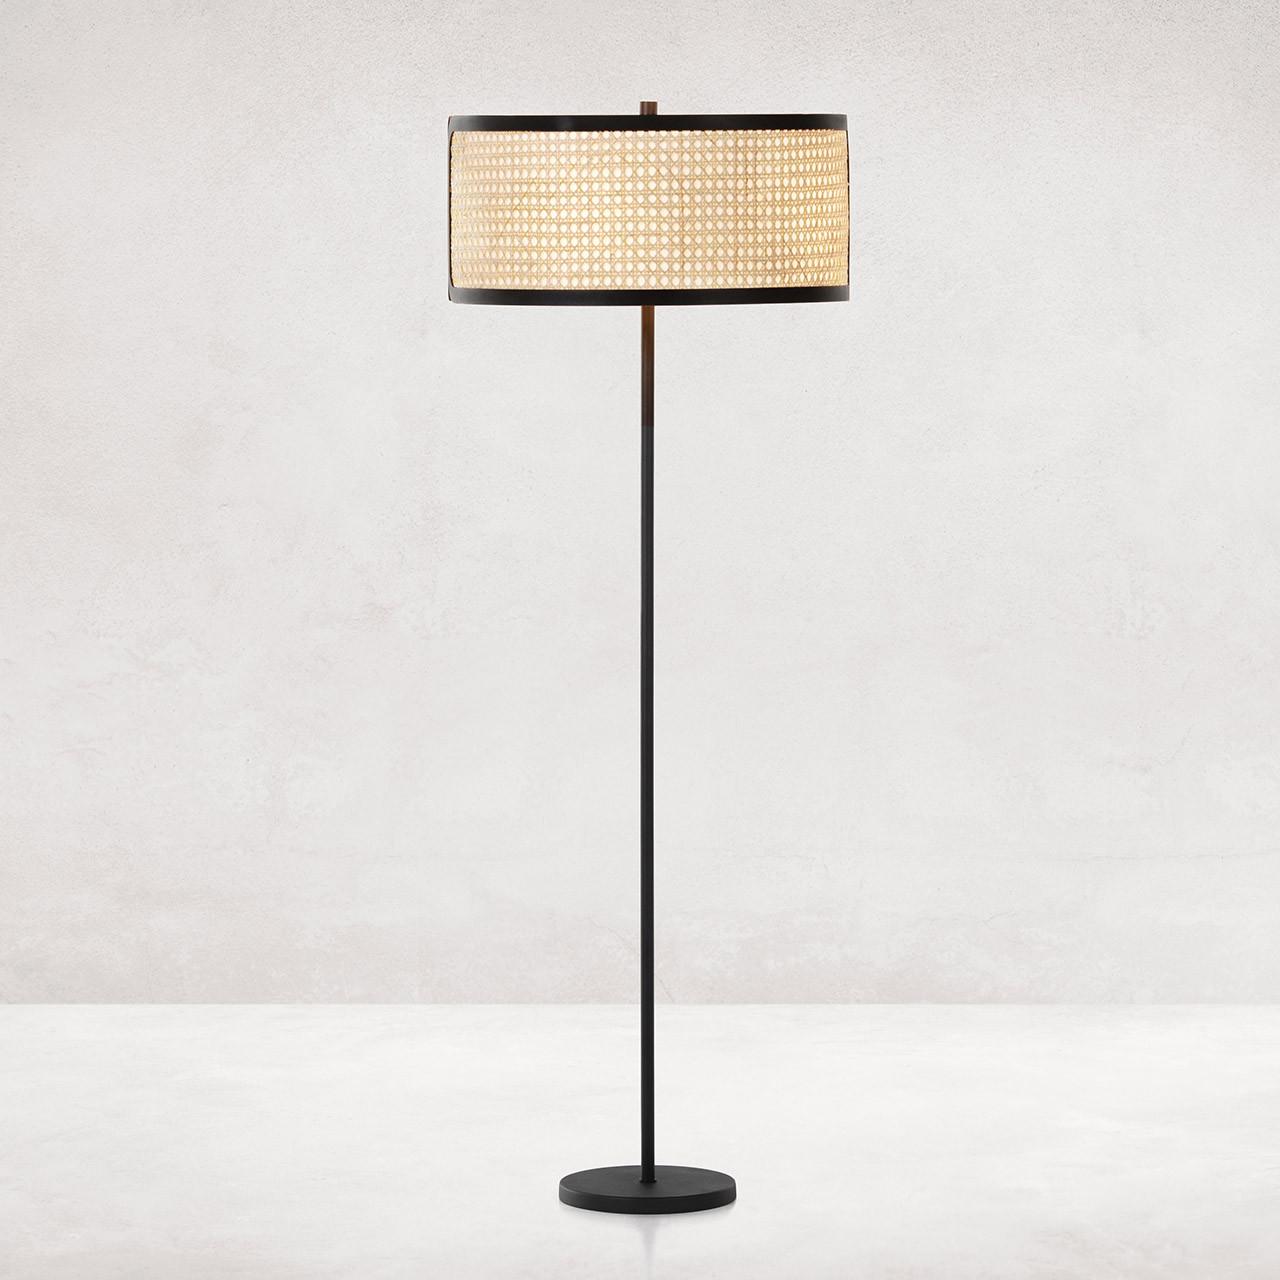 Fairbanks Floor Lamp - Textured Black